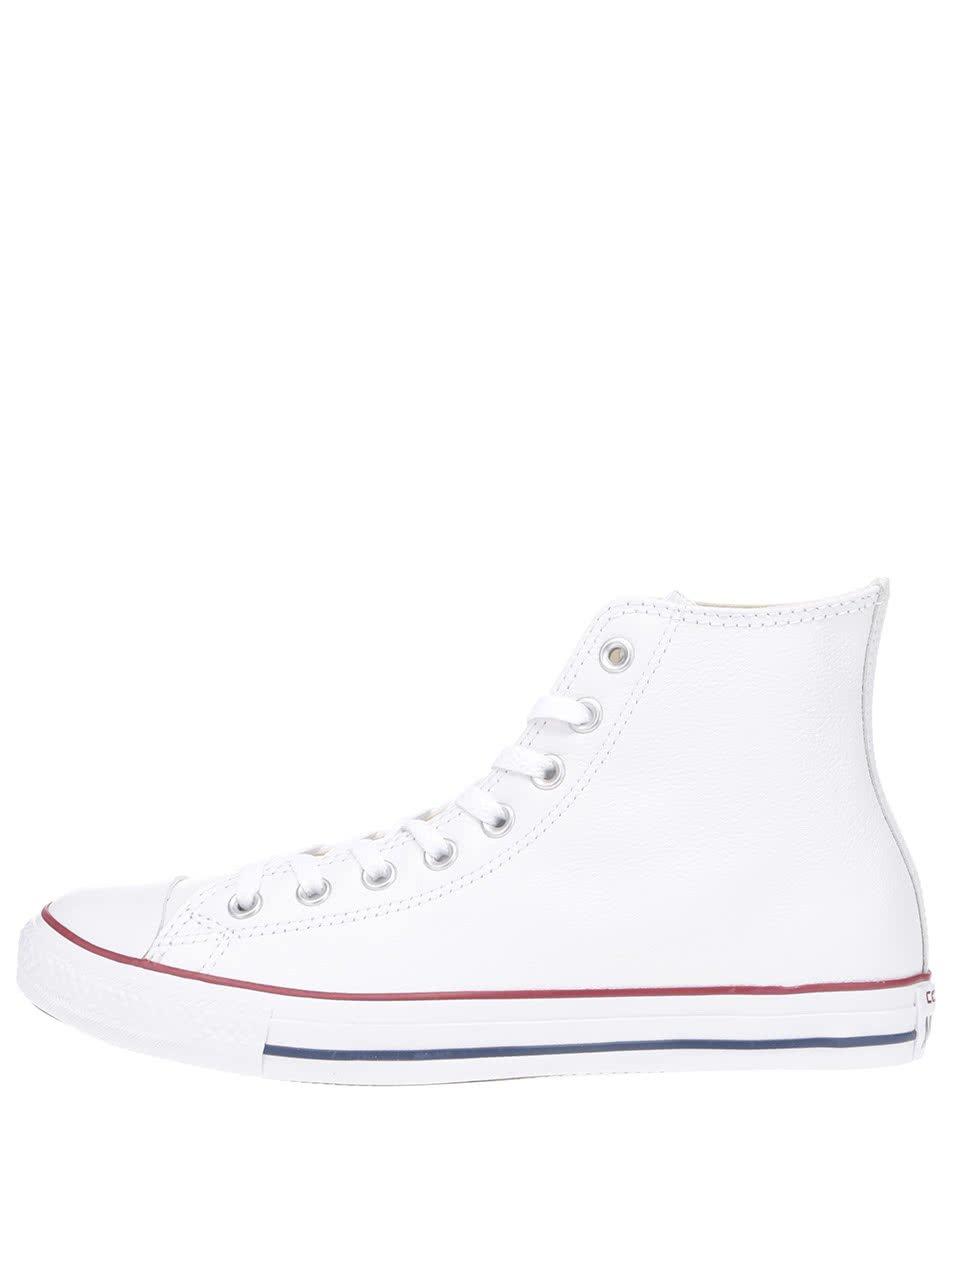 Bílé unisex kožené kotníkové tenisky Converse Chuck Taylor All Star